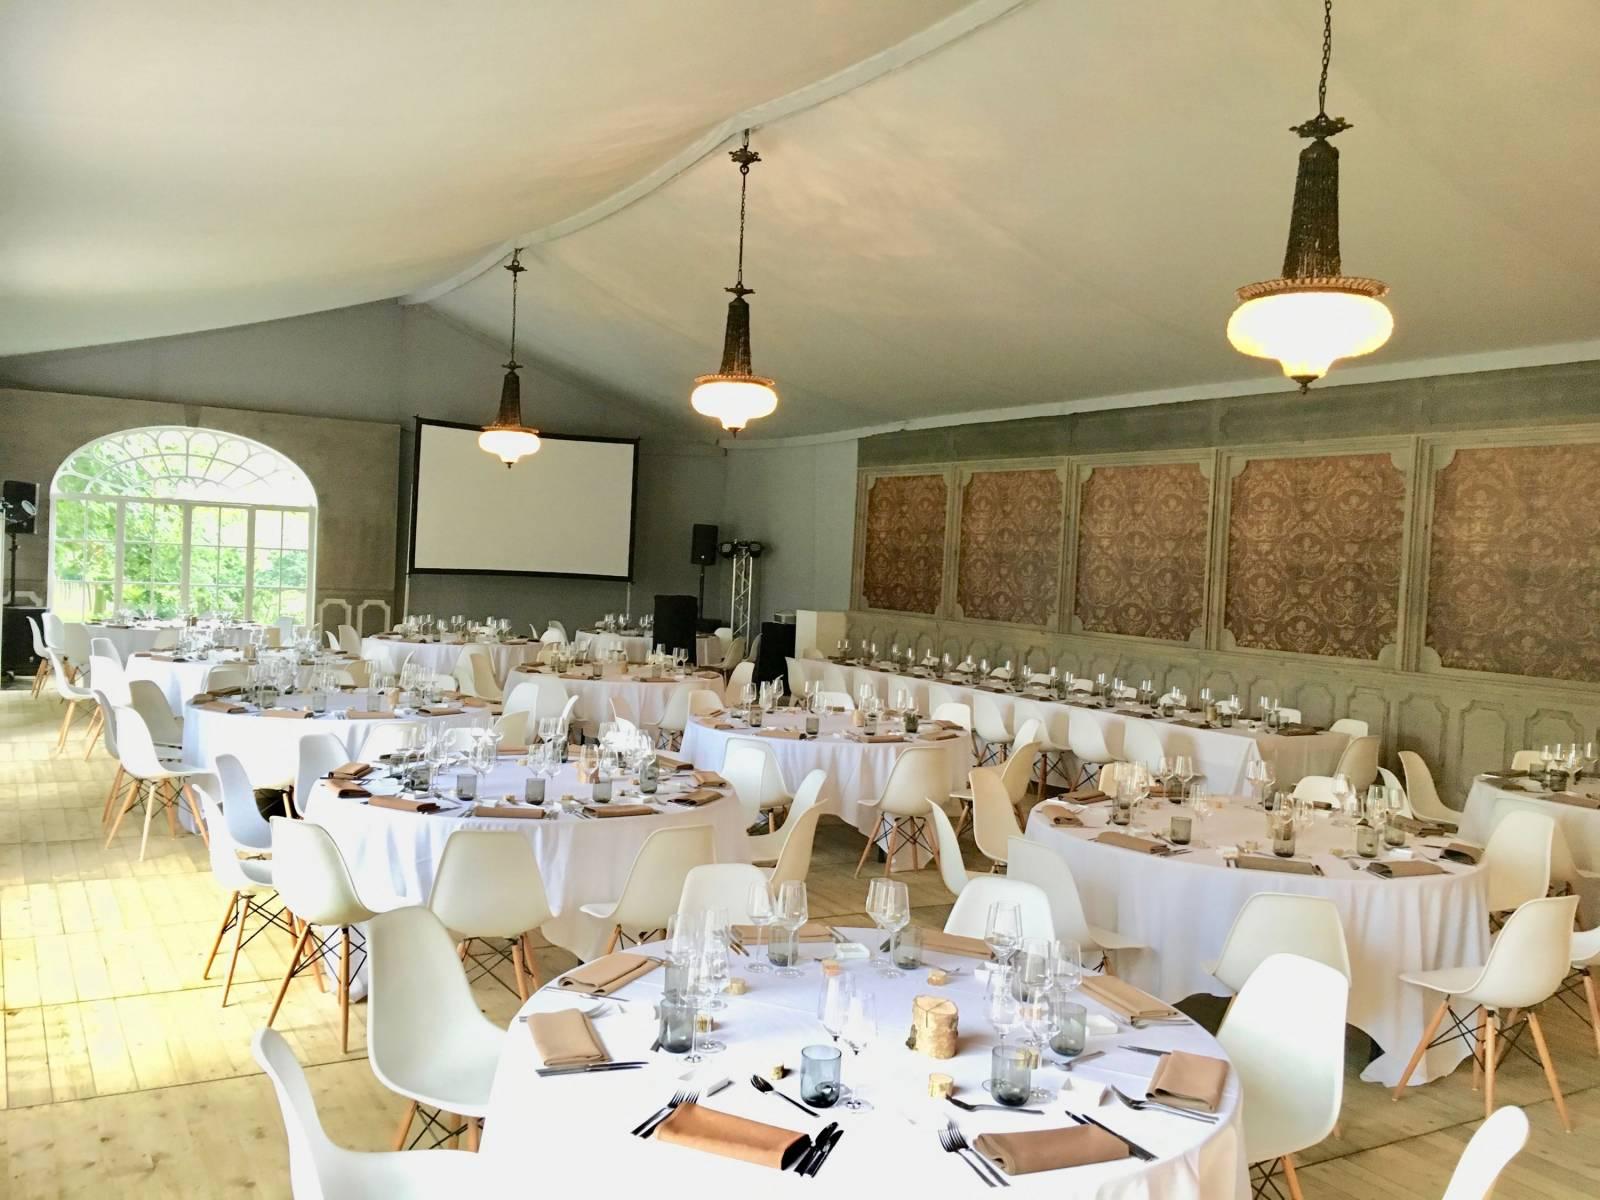 Kasteel van Leeuwergem - Feestzaal - House of Weddings  - 38